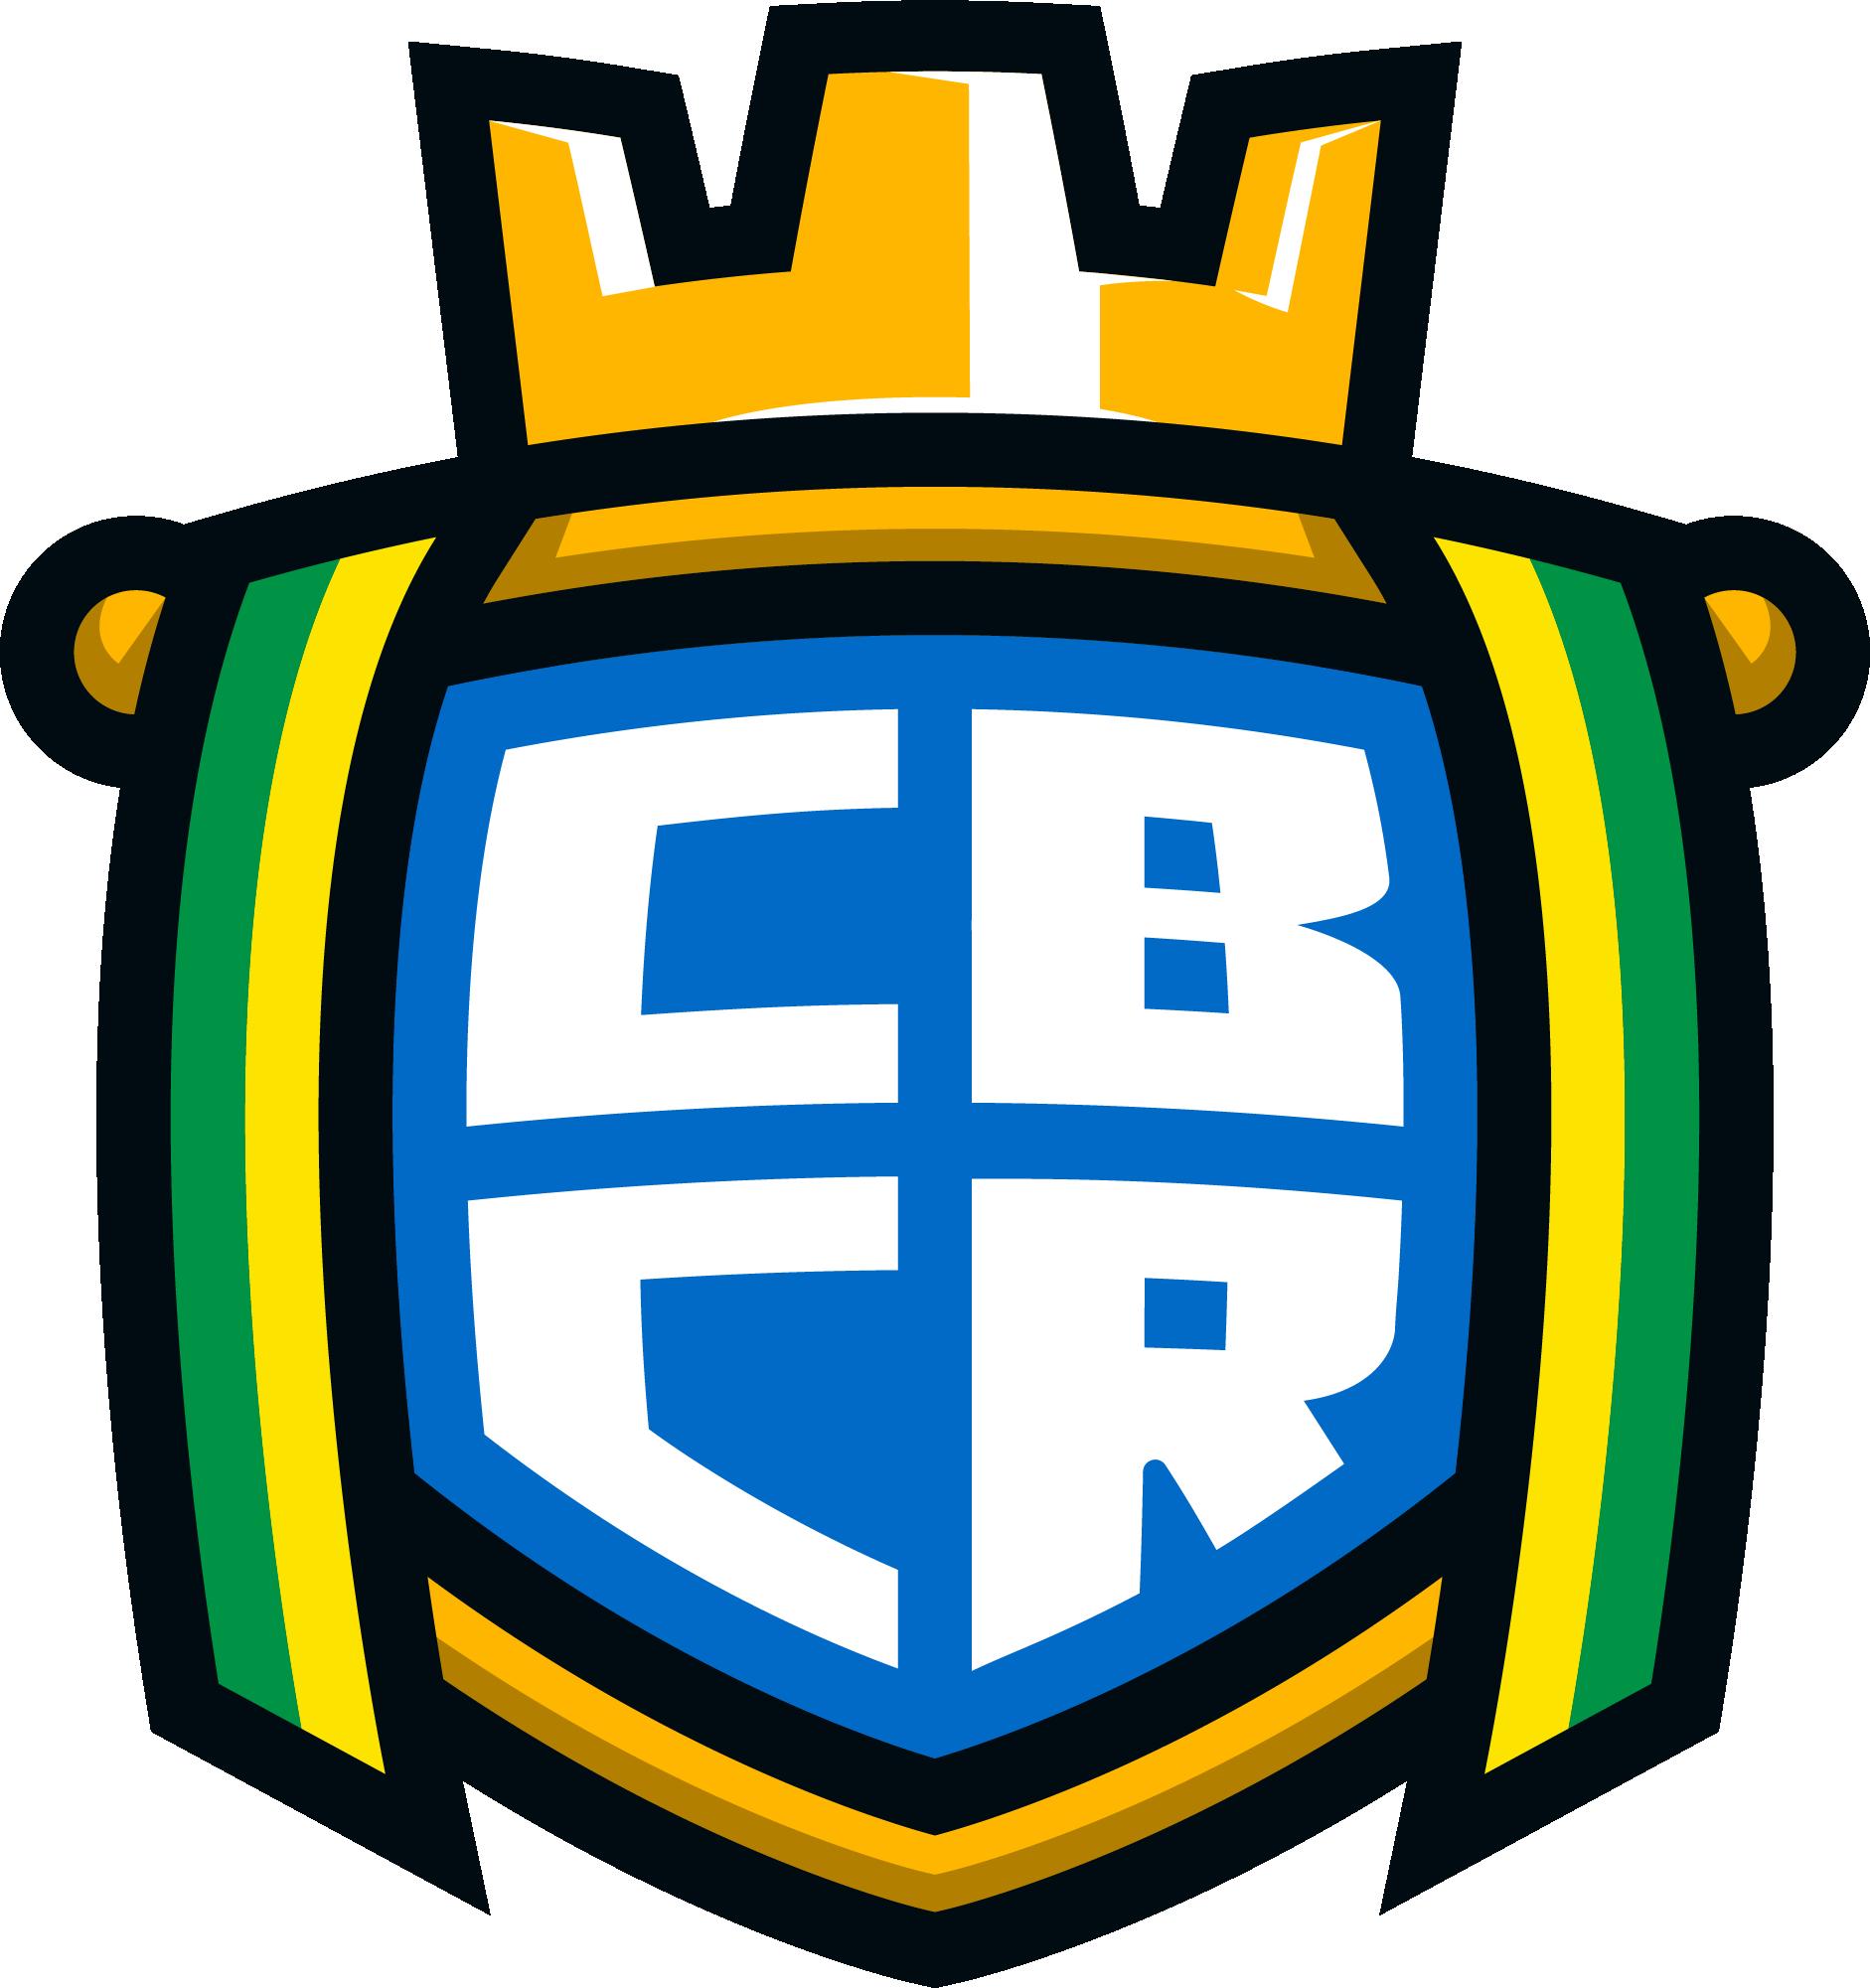 CBCR - Copa Brasileira de Clash Royale